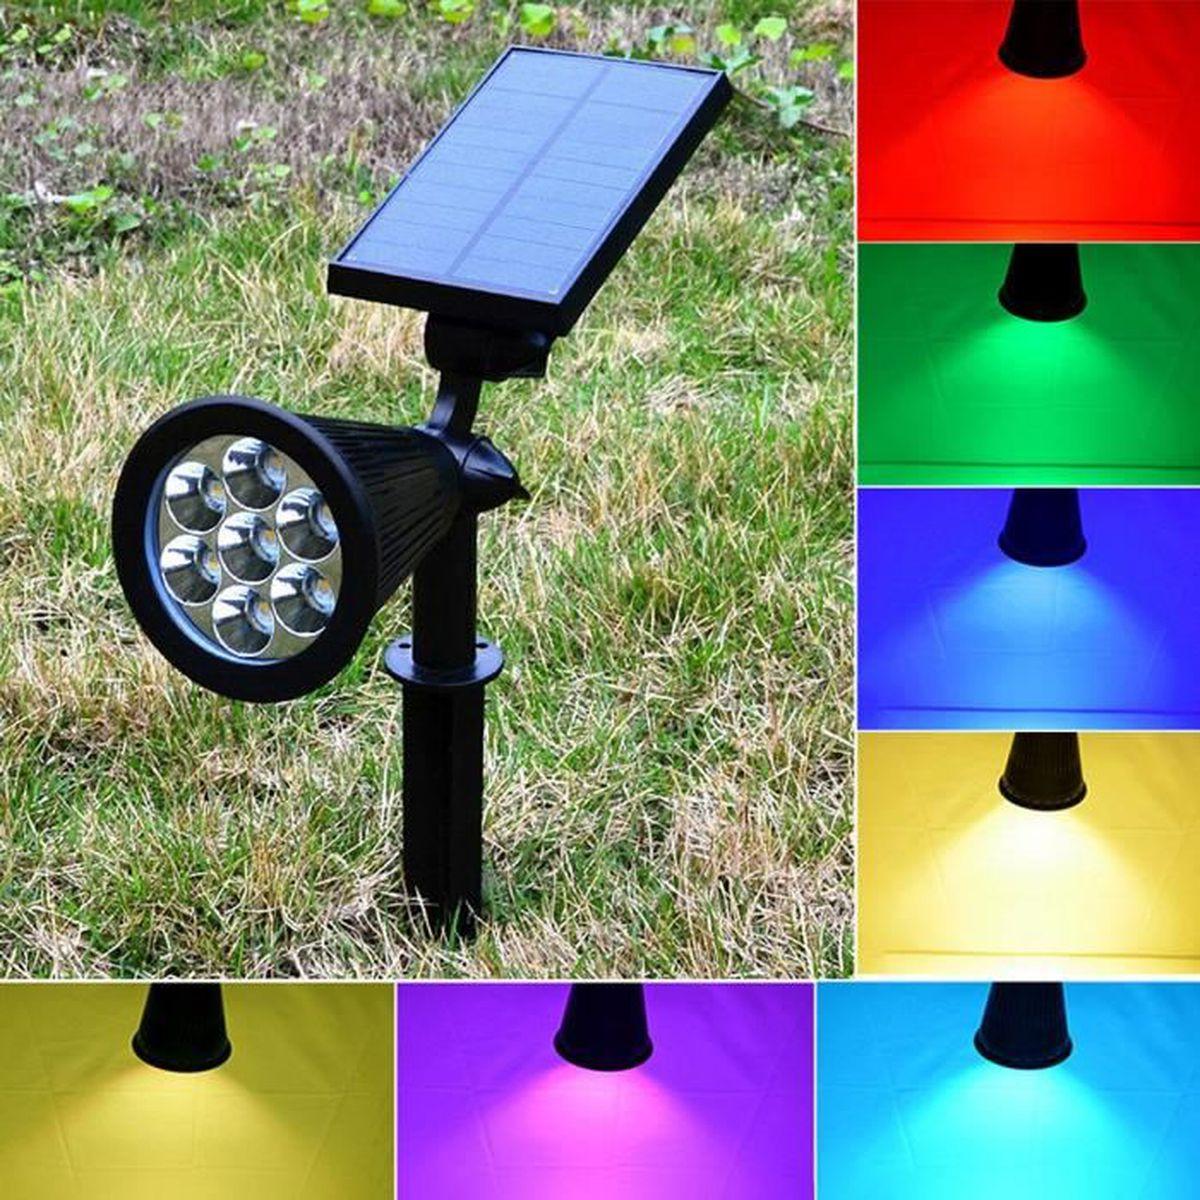 lampe solaire de jardin colorer achat vente lampe solaire de jardin colorer pas cher cdiscount. Black Bedroom Furniture Sets. Home Design Ideas